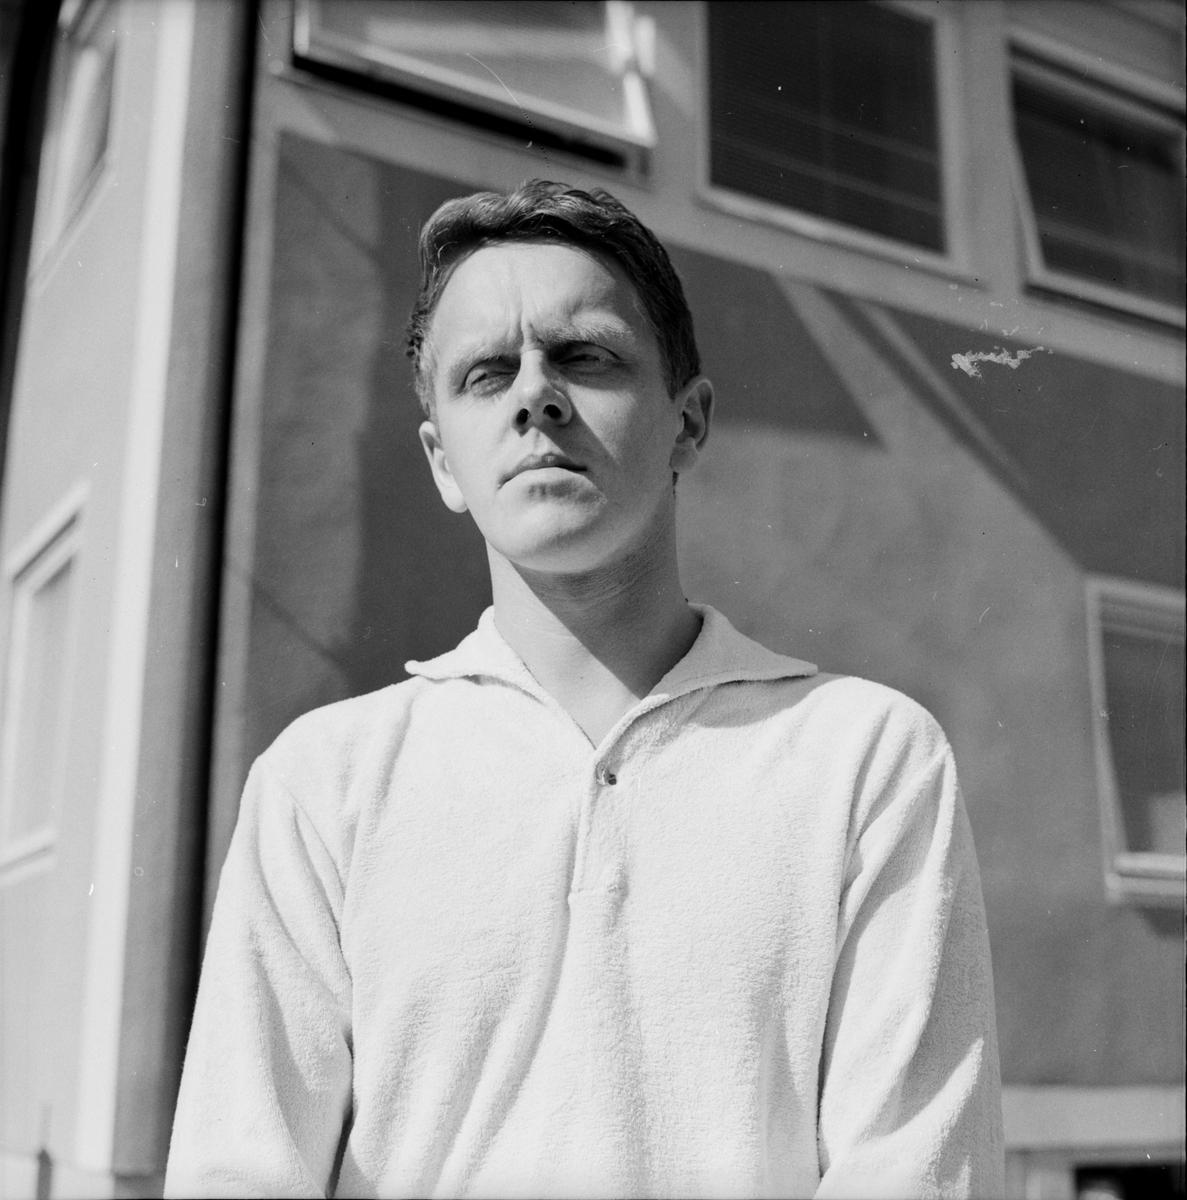 Lindgård, Olle Walter Musiklärare, Bollnäs, 14 Juni 1966